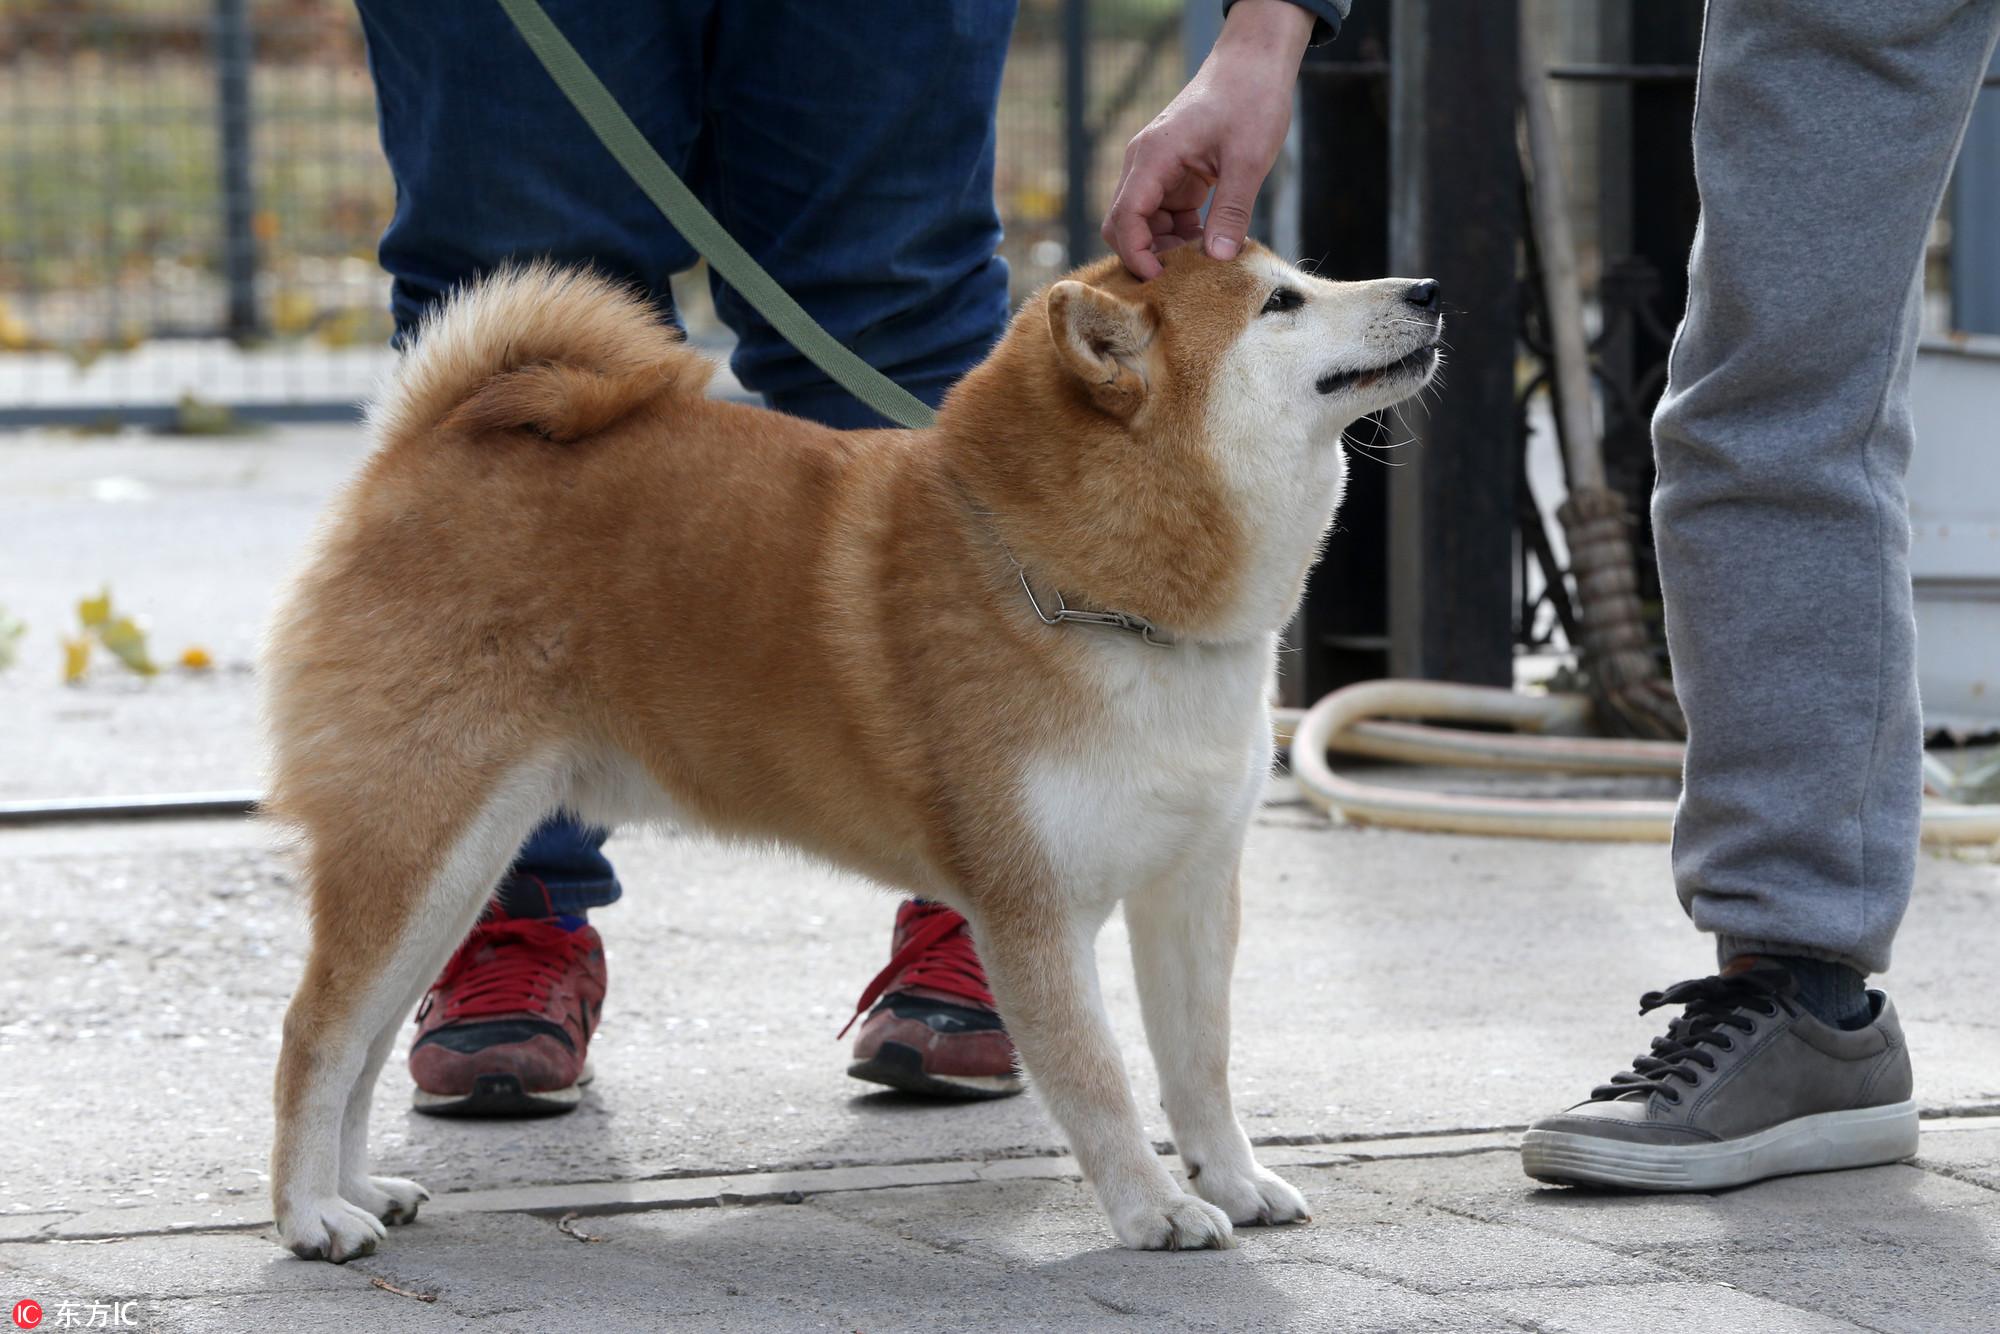 最高罚款2万元!高唐县发布城区文明养犬通告